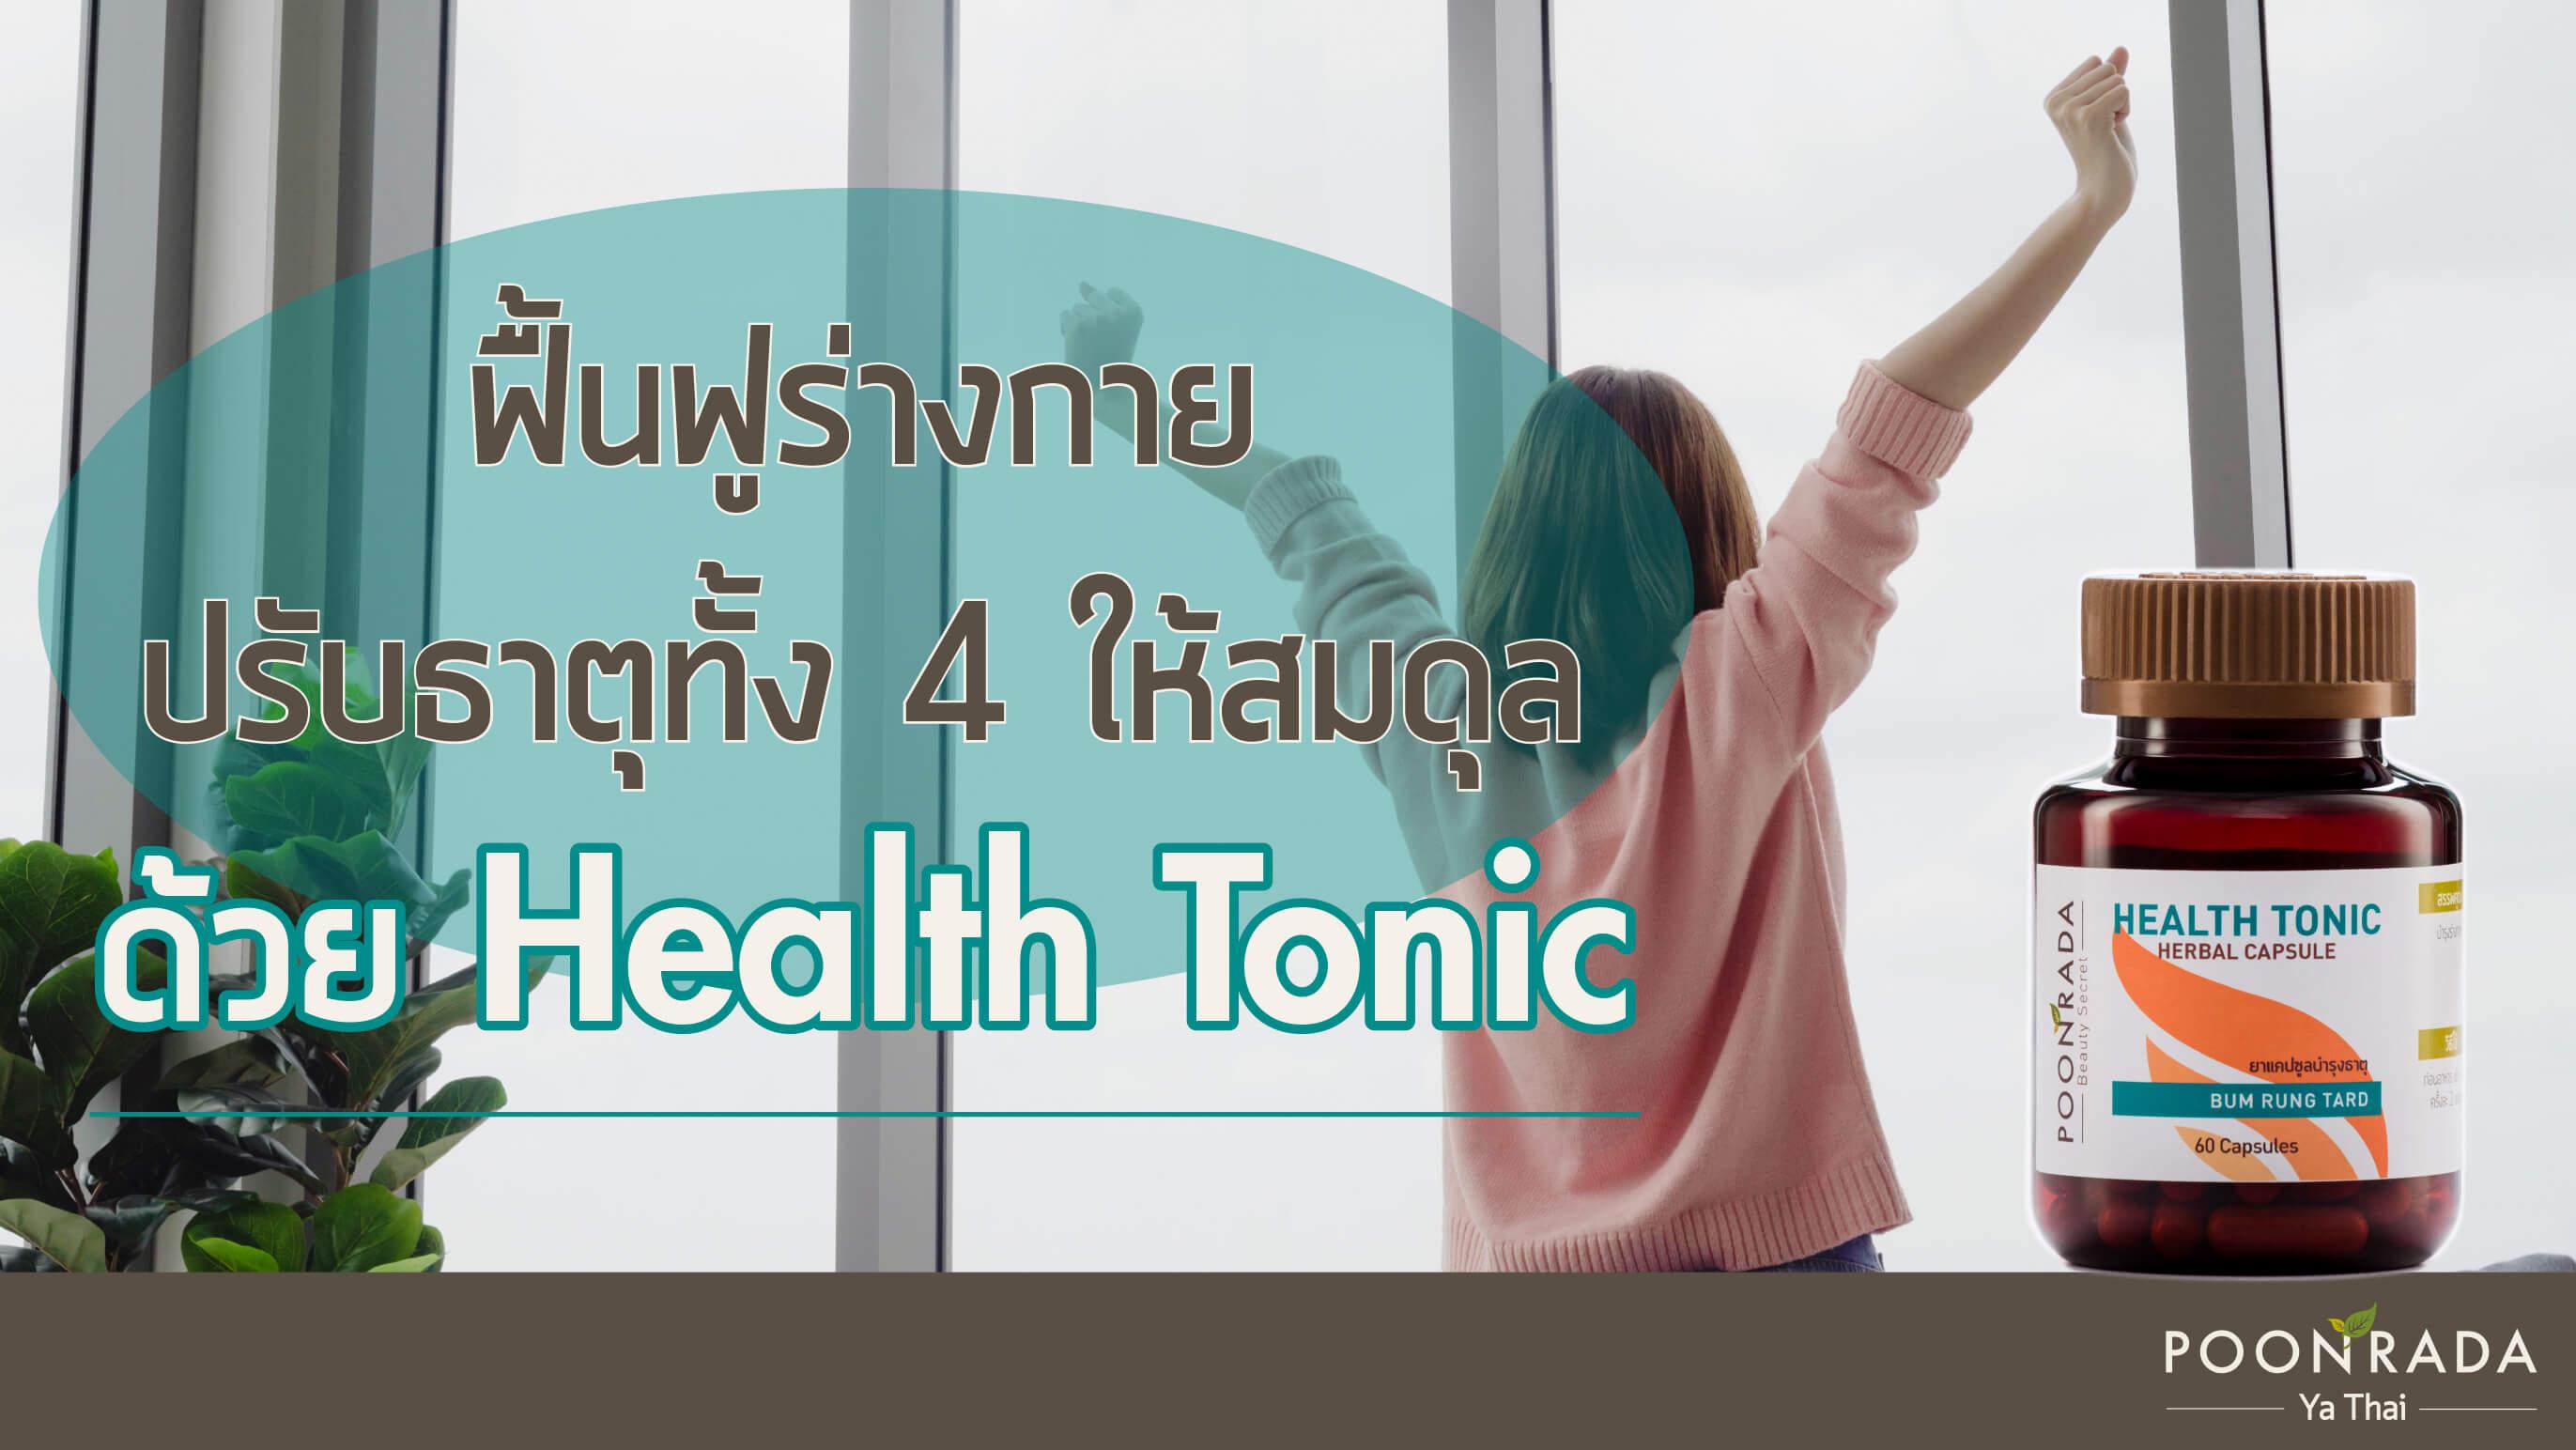 ฟื้นฟูร่างกาย ปรับธาตุทั้ง 4 ให้สมดุล ด้วย Health Tonic